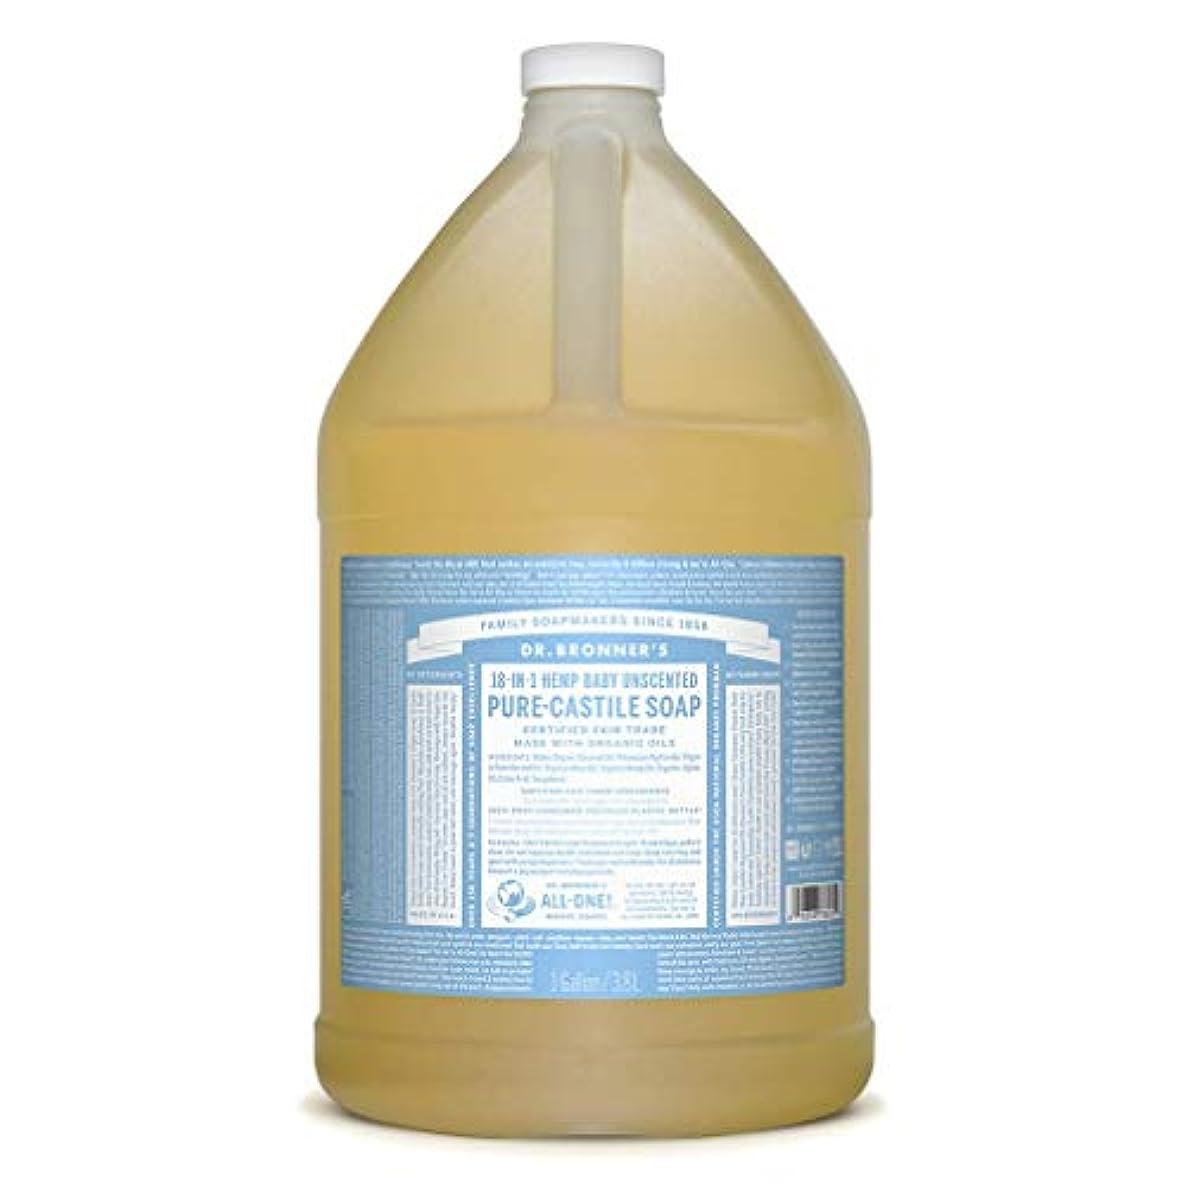 開始倉庫従順ドクターブロナー マジックソープ液体 ベビーマイルド 3785ml